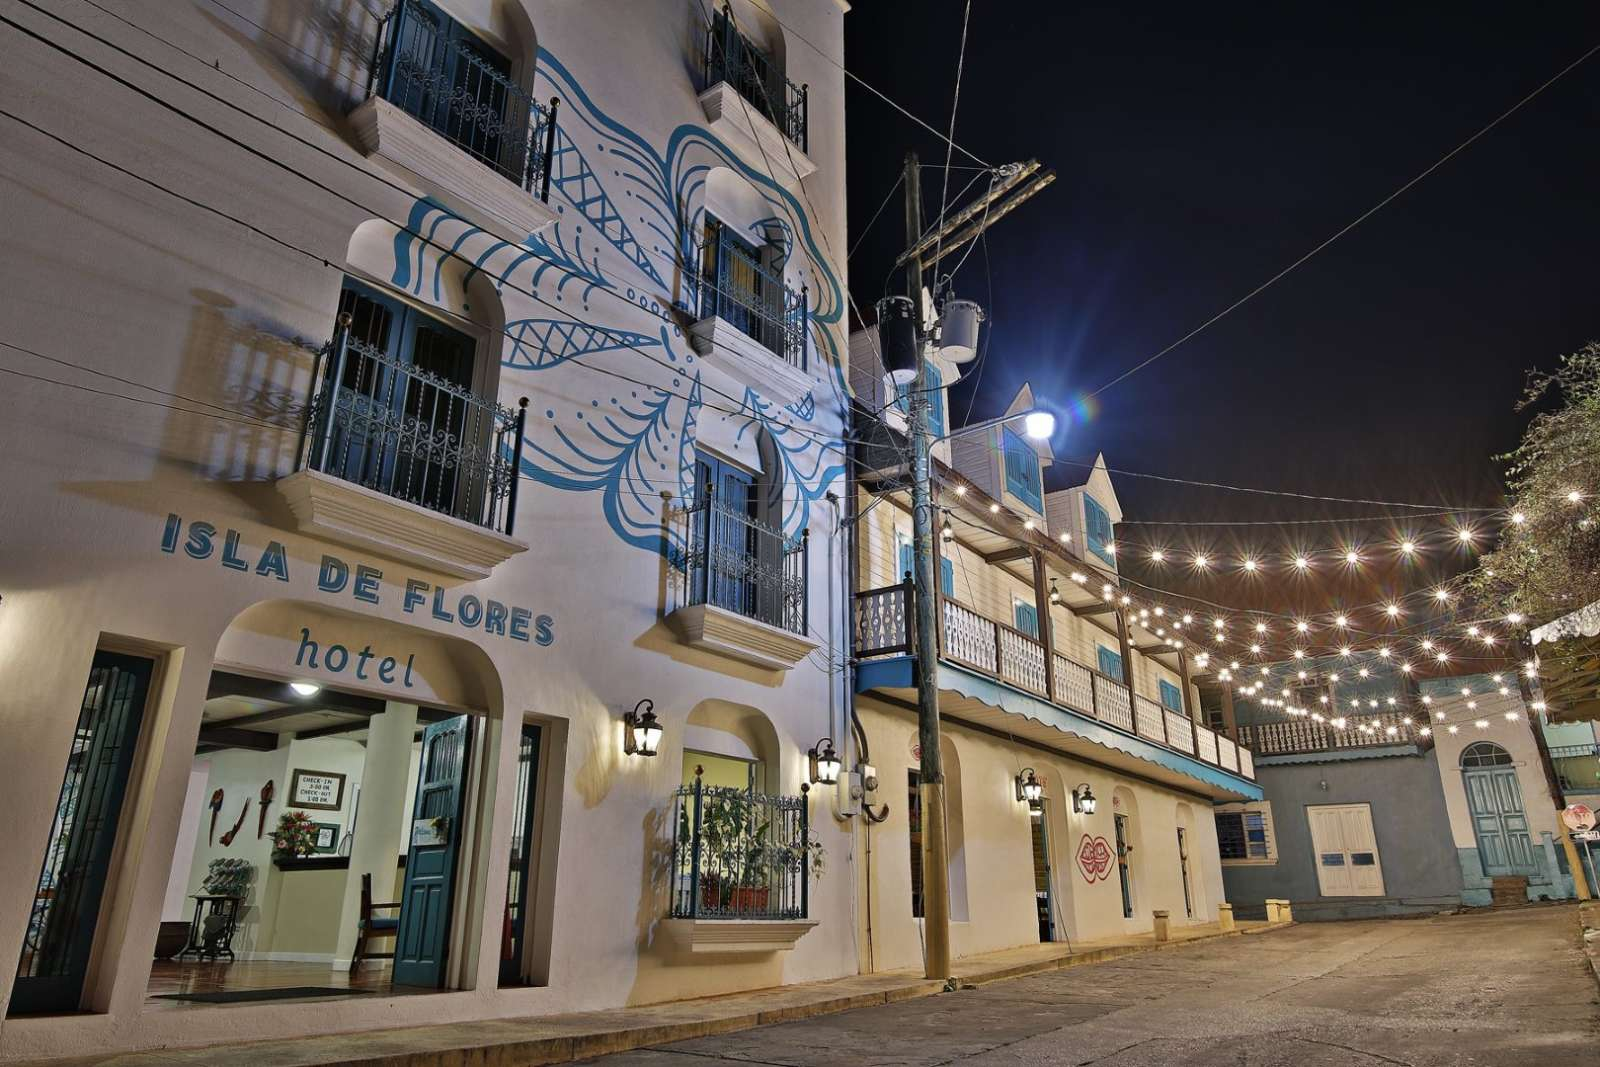 Hotel Isla De Flores at night